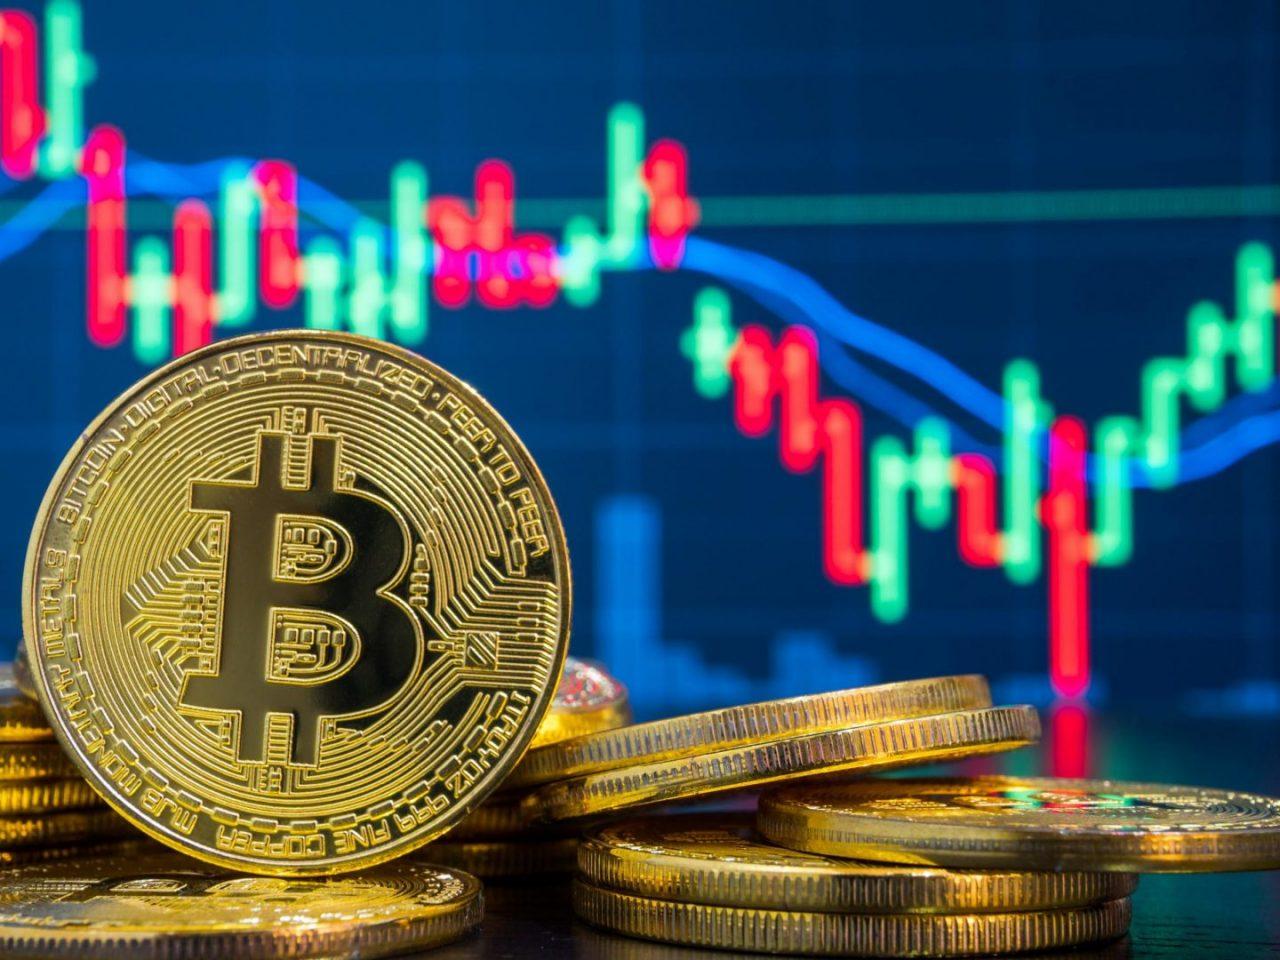 coinbase trading bitcoin ethereum számára 0 027 btc usd